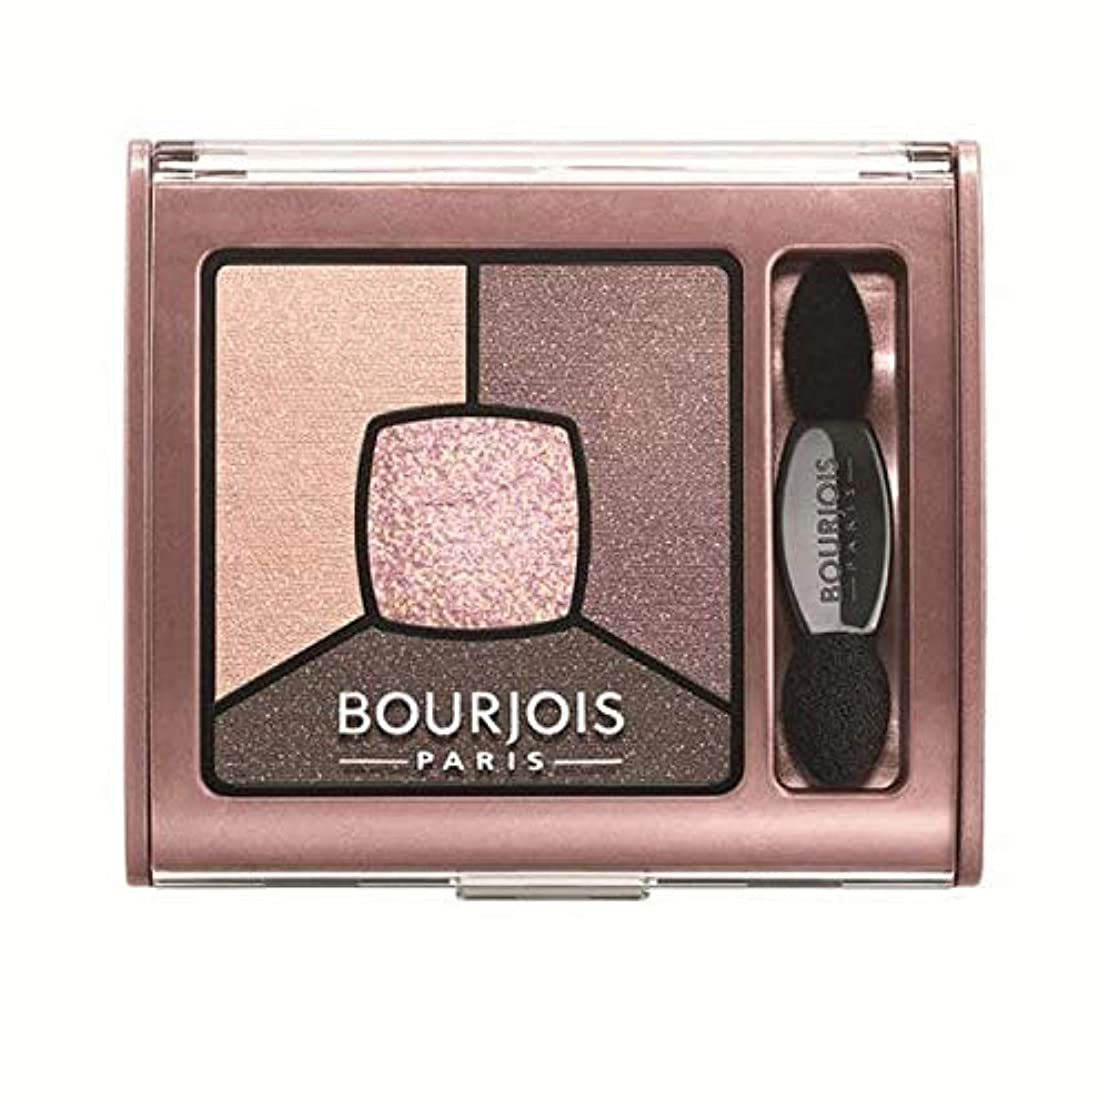 インスタンス特徴あそこ[Bourjois ] ブルジョワスモーキー話クワッドアイシャドウ - バラオーバー - Bourjois Smoky Stories Quad Eyeshadow - Over Rose [並行輸入品]